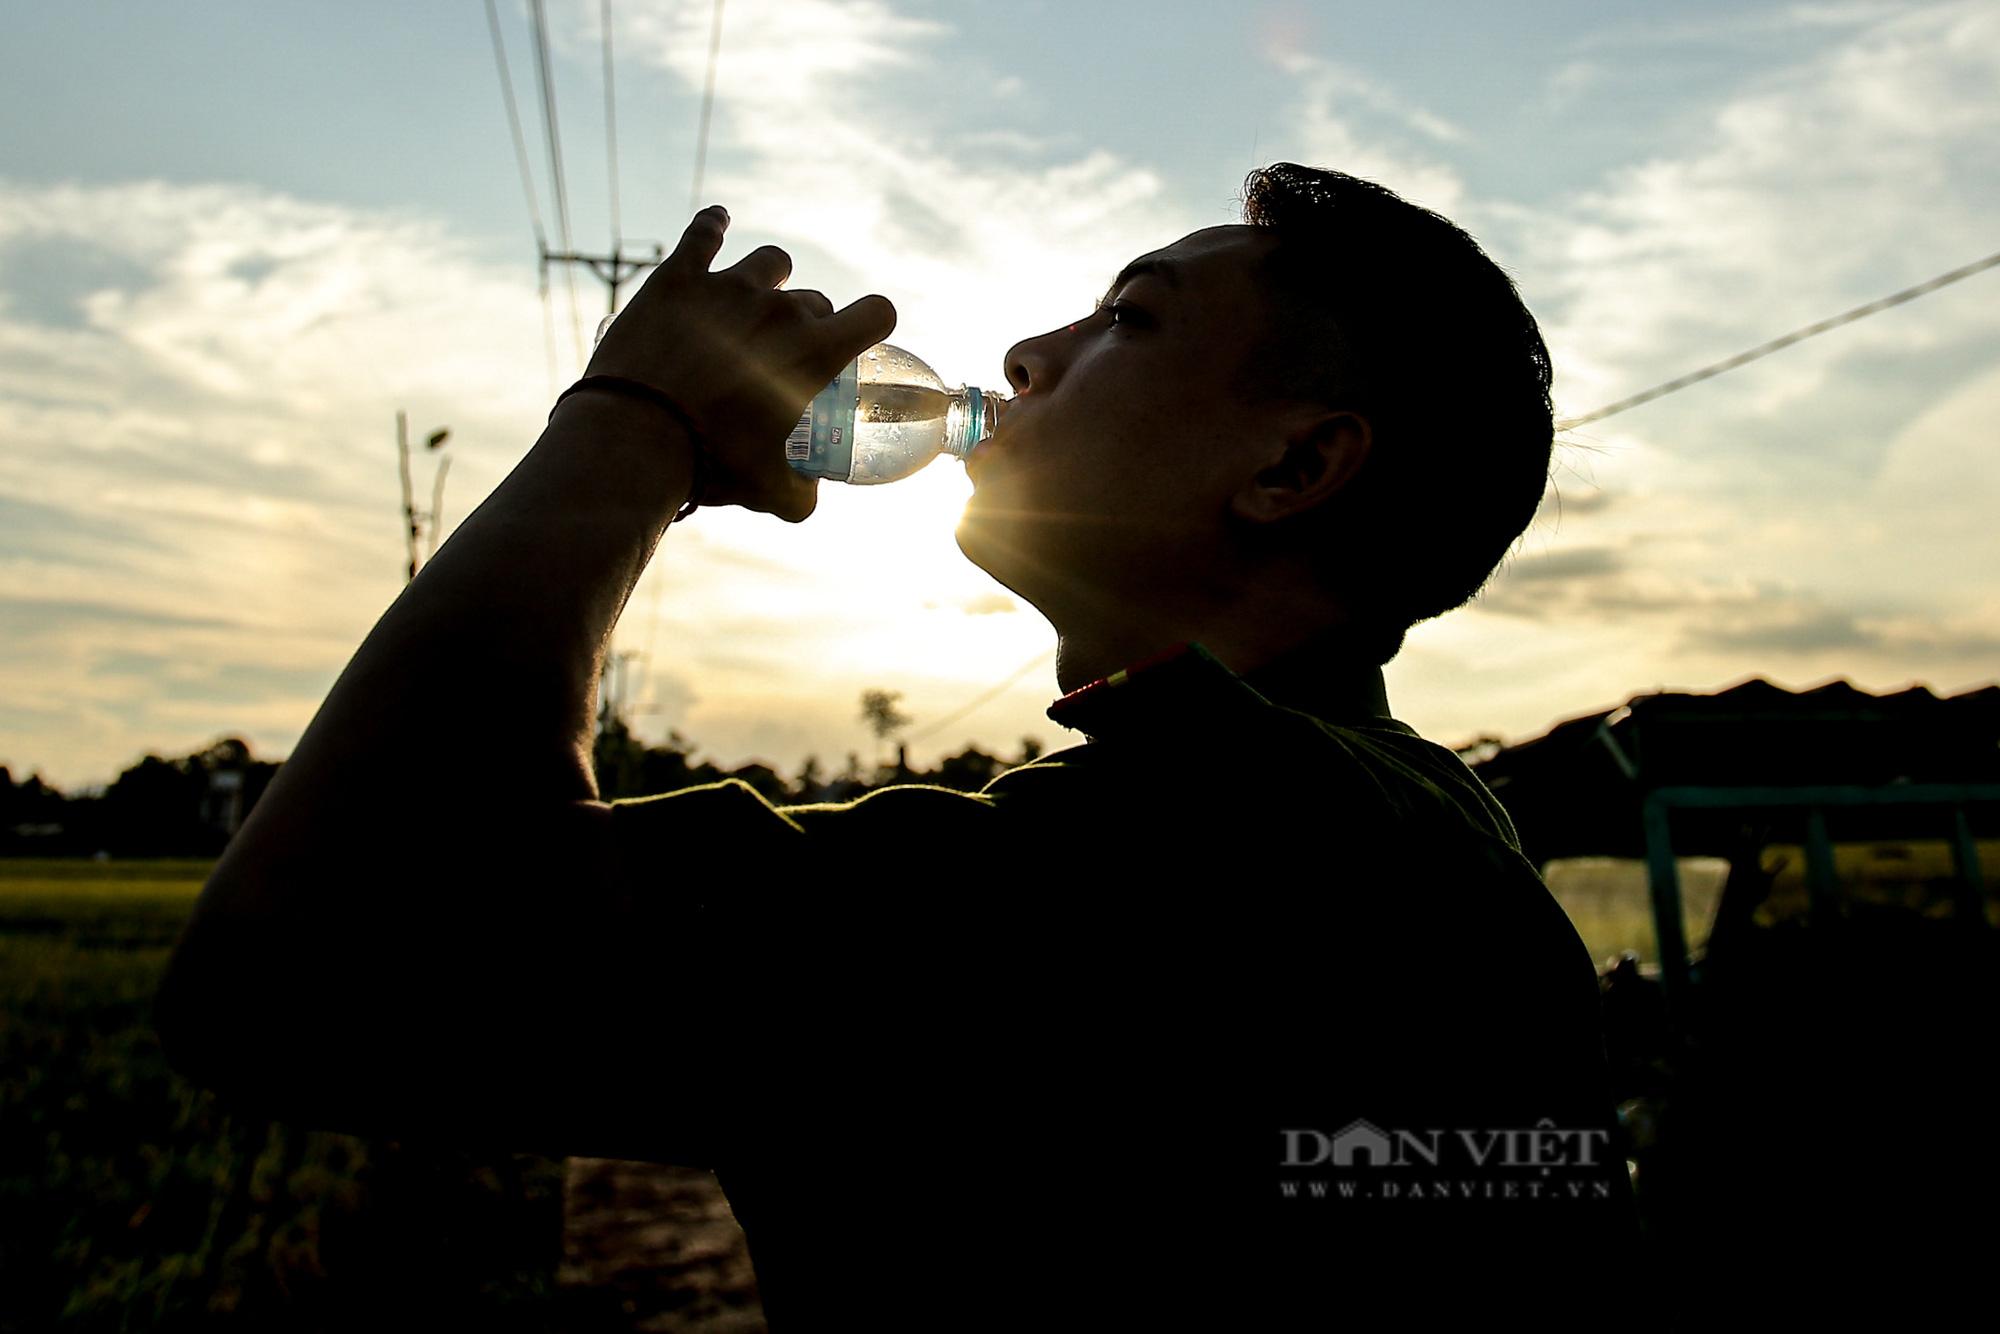 Hình ảnh chiến sĩ công an lội ruộng, ăn cơm vội để thu hoạch lúa giúp 141 hộ ở vùng cách ly y tế - Ảnh 9.